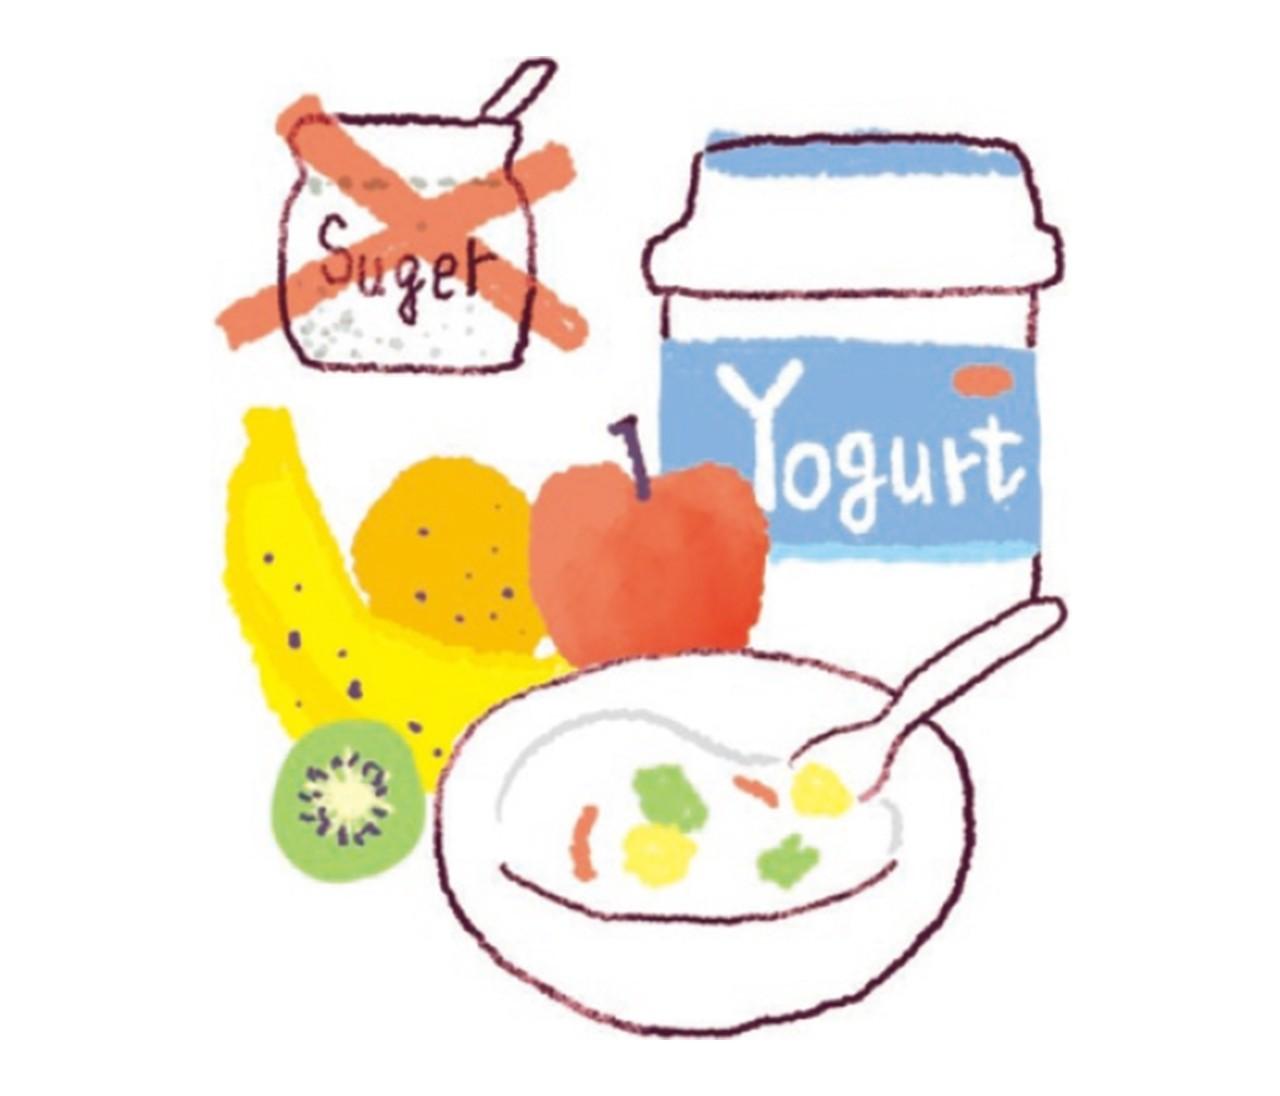 【月曜断食】月曜断食を成功させるための〈1週間の食メソッド〉